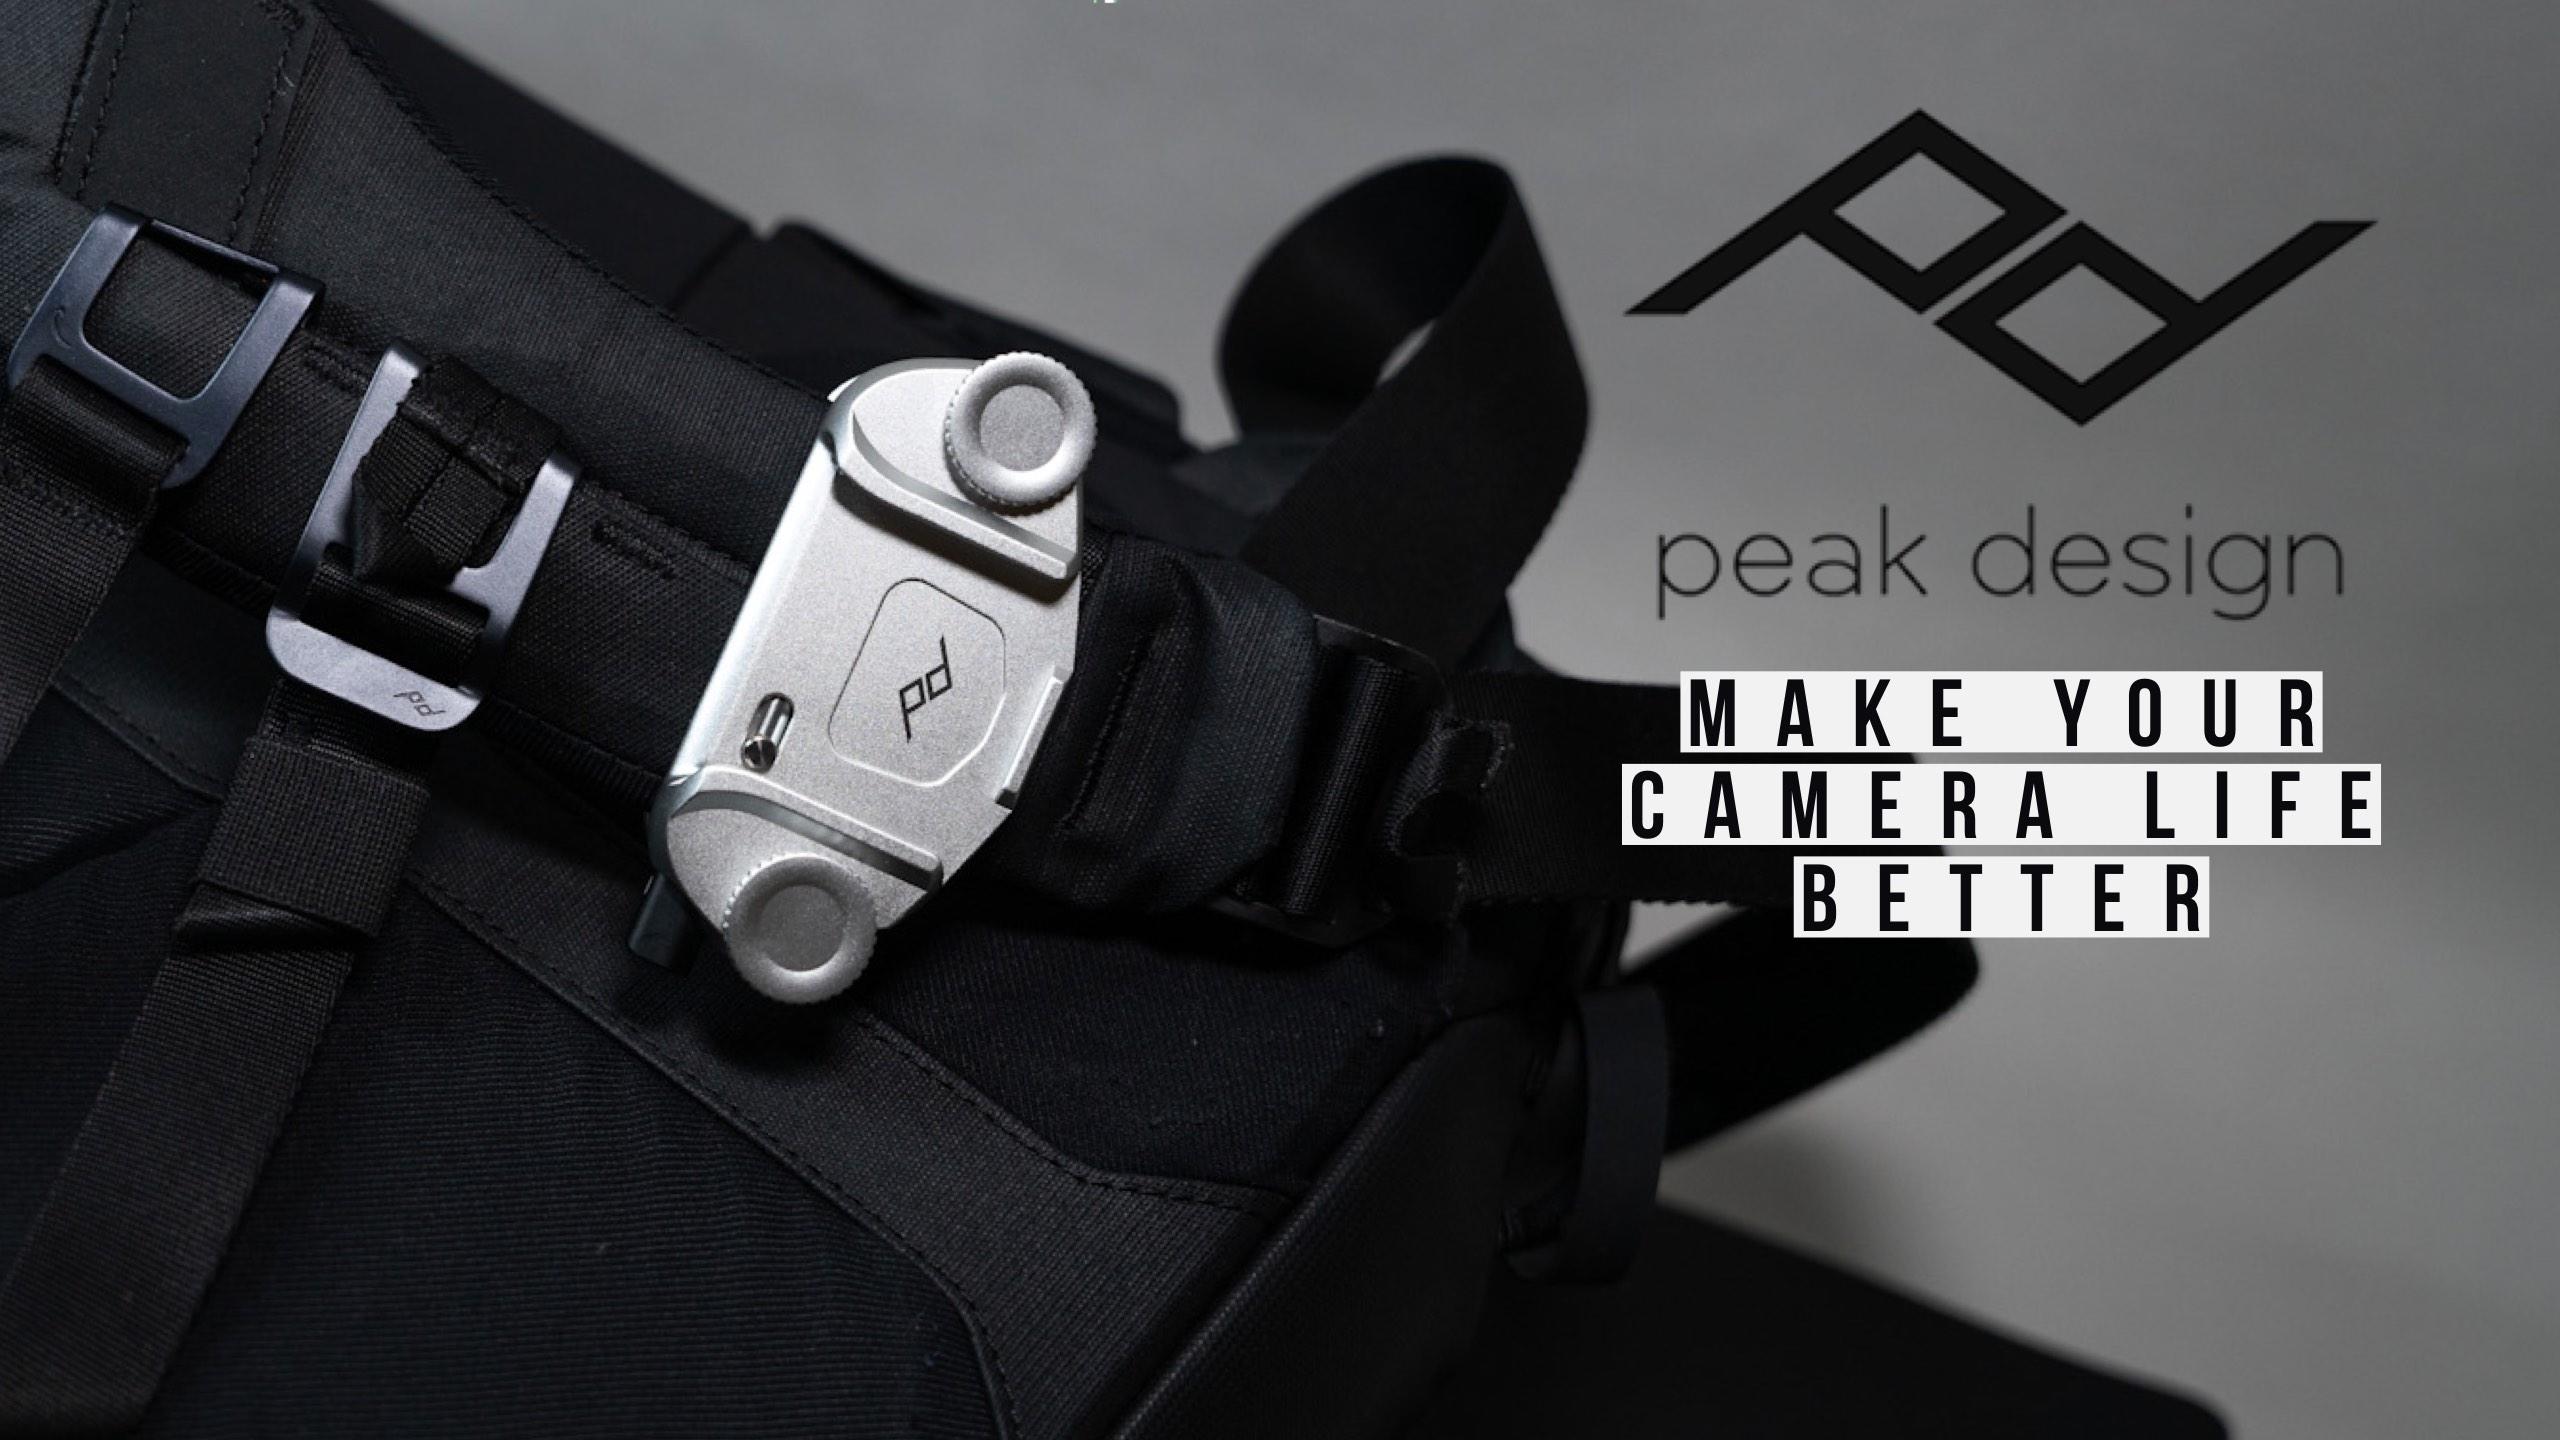 【レビュー】ピークデザイン キャプチャーV3 カメラを持って出かけたくなる便利アイテム【感想】